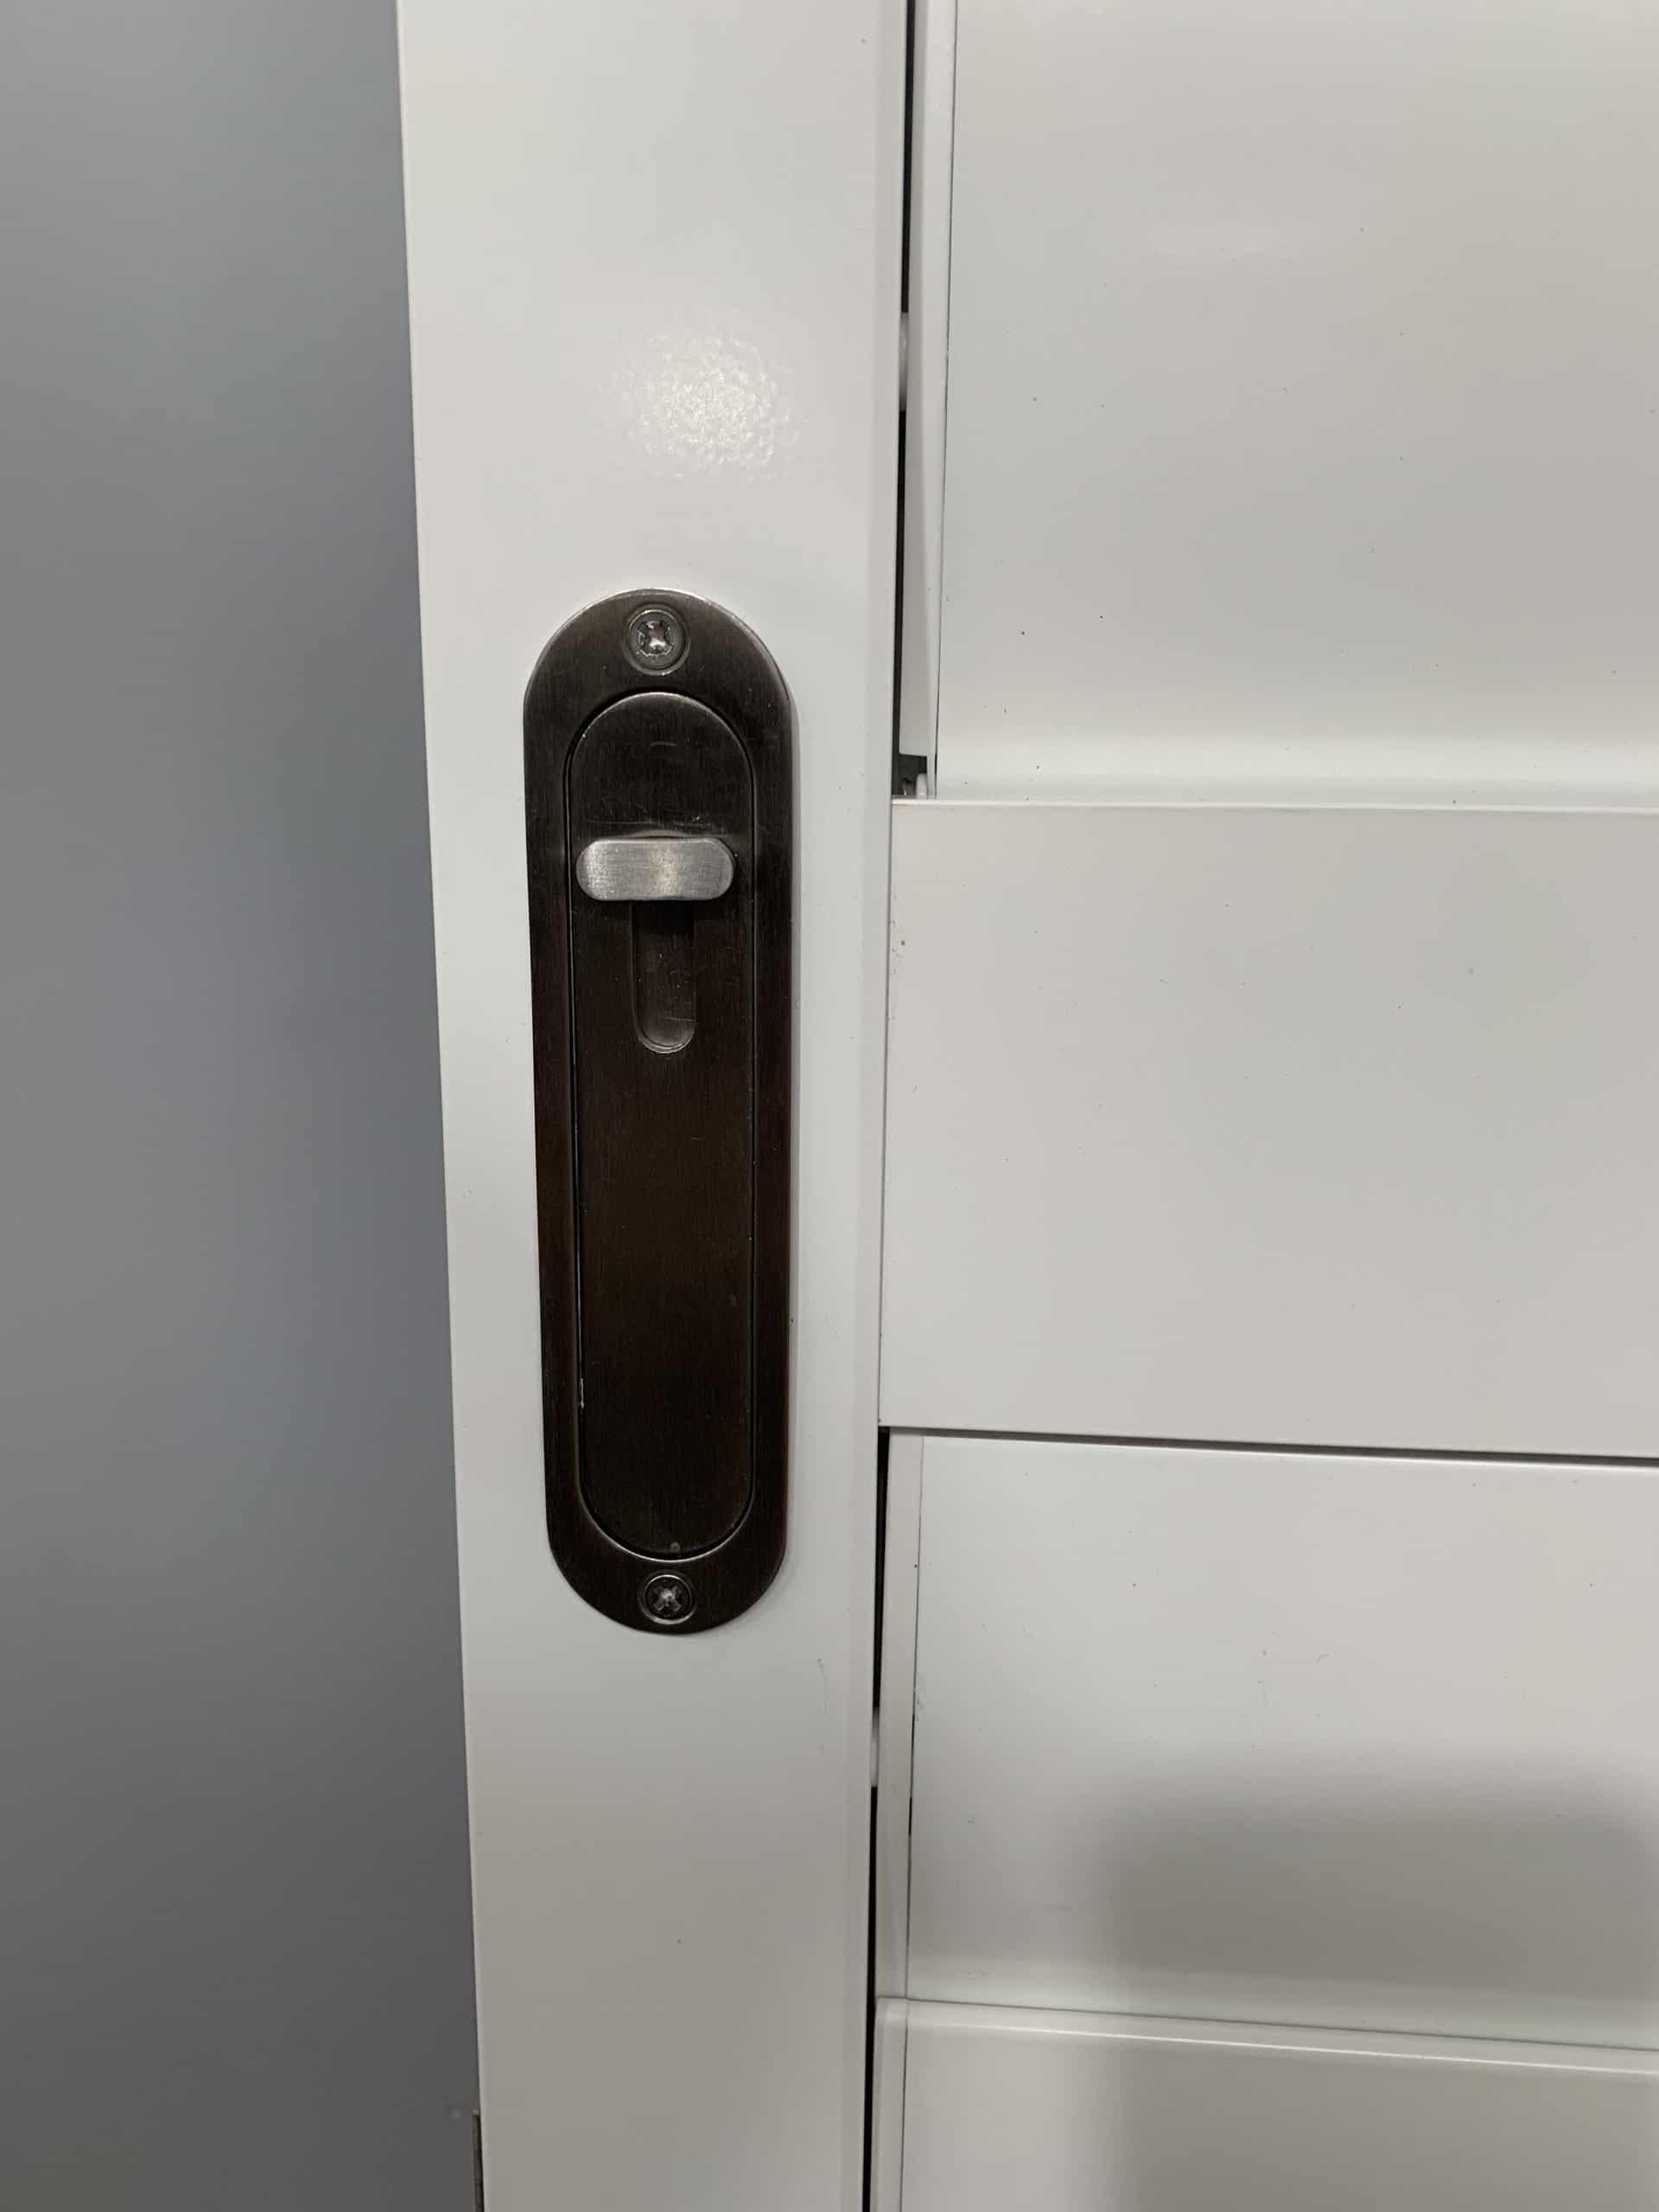 Lockable - lockable shutters